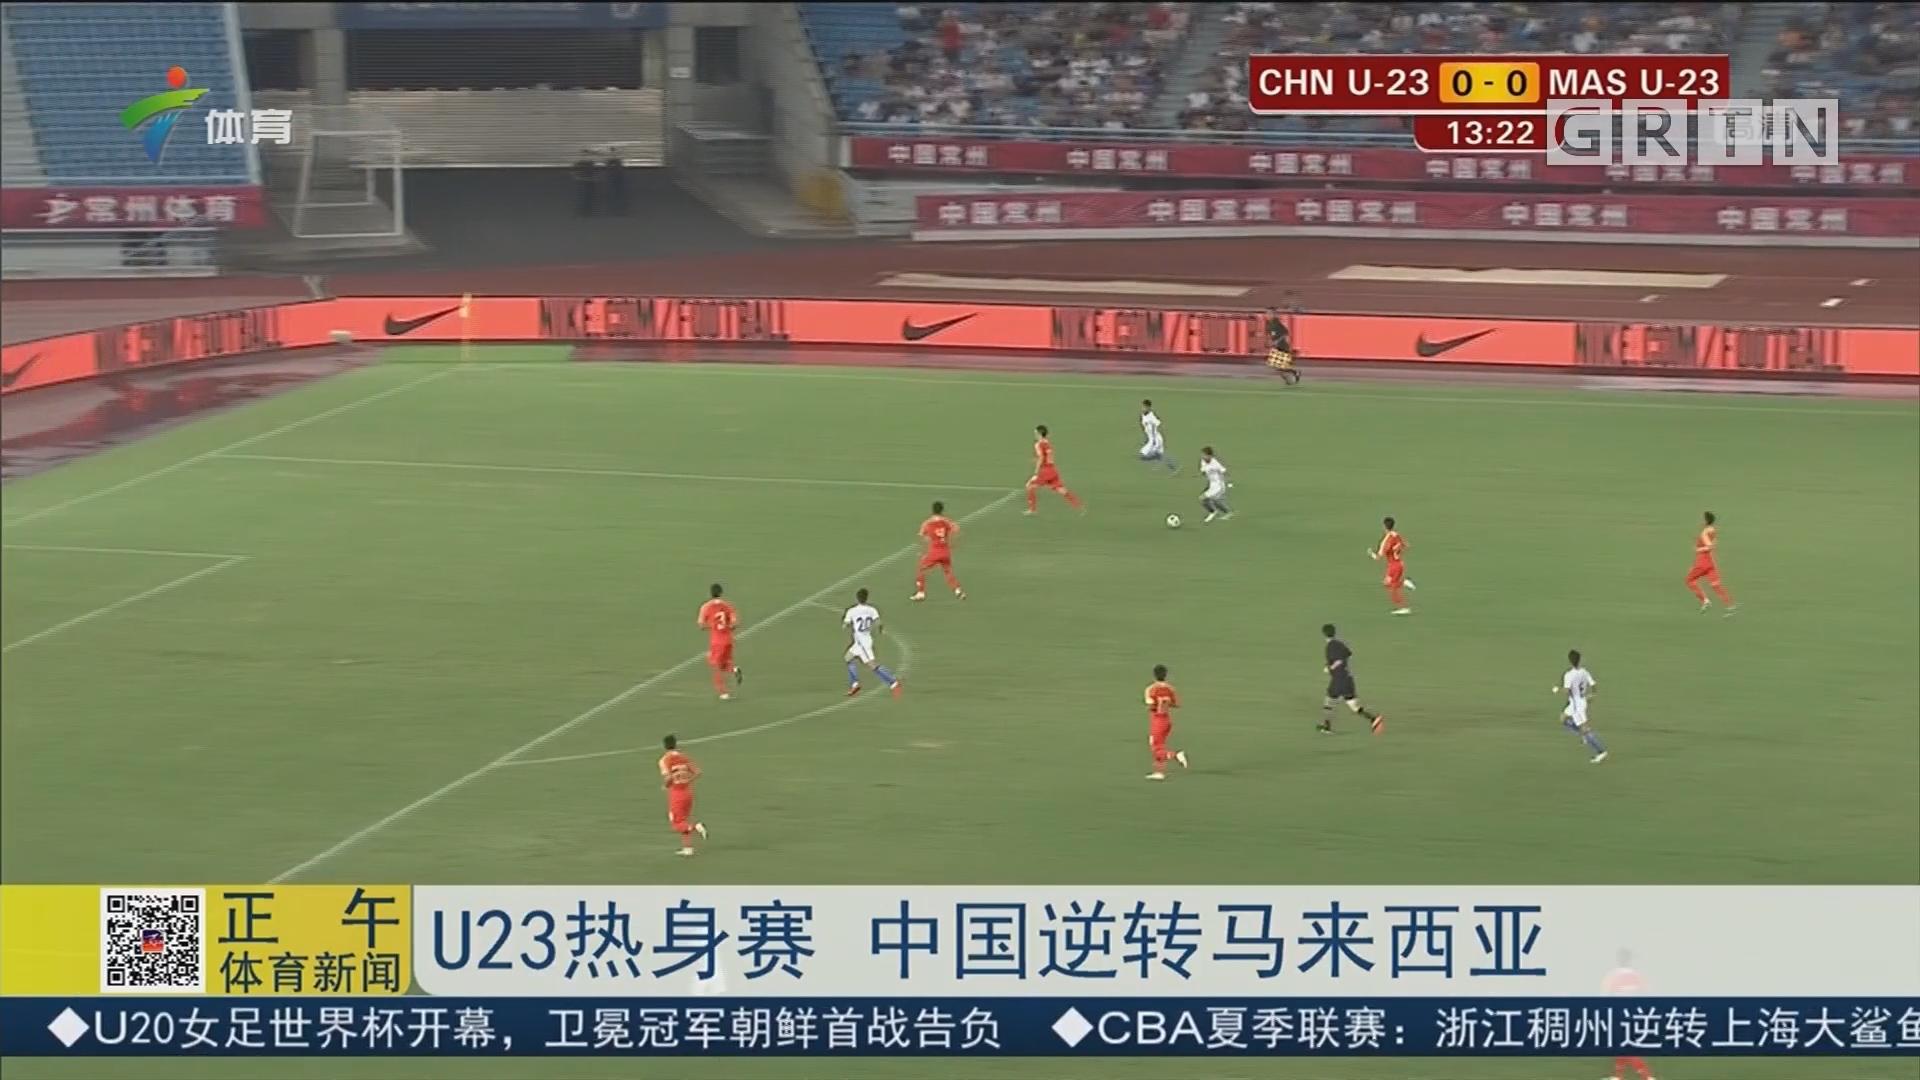 U23热身赛 中国逆转马来西亚